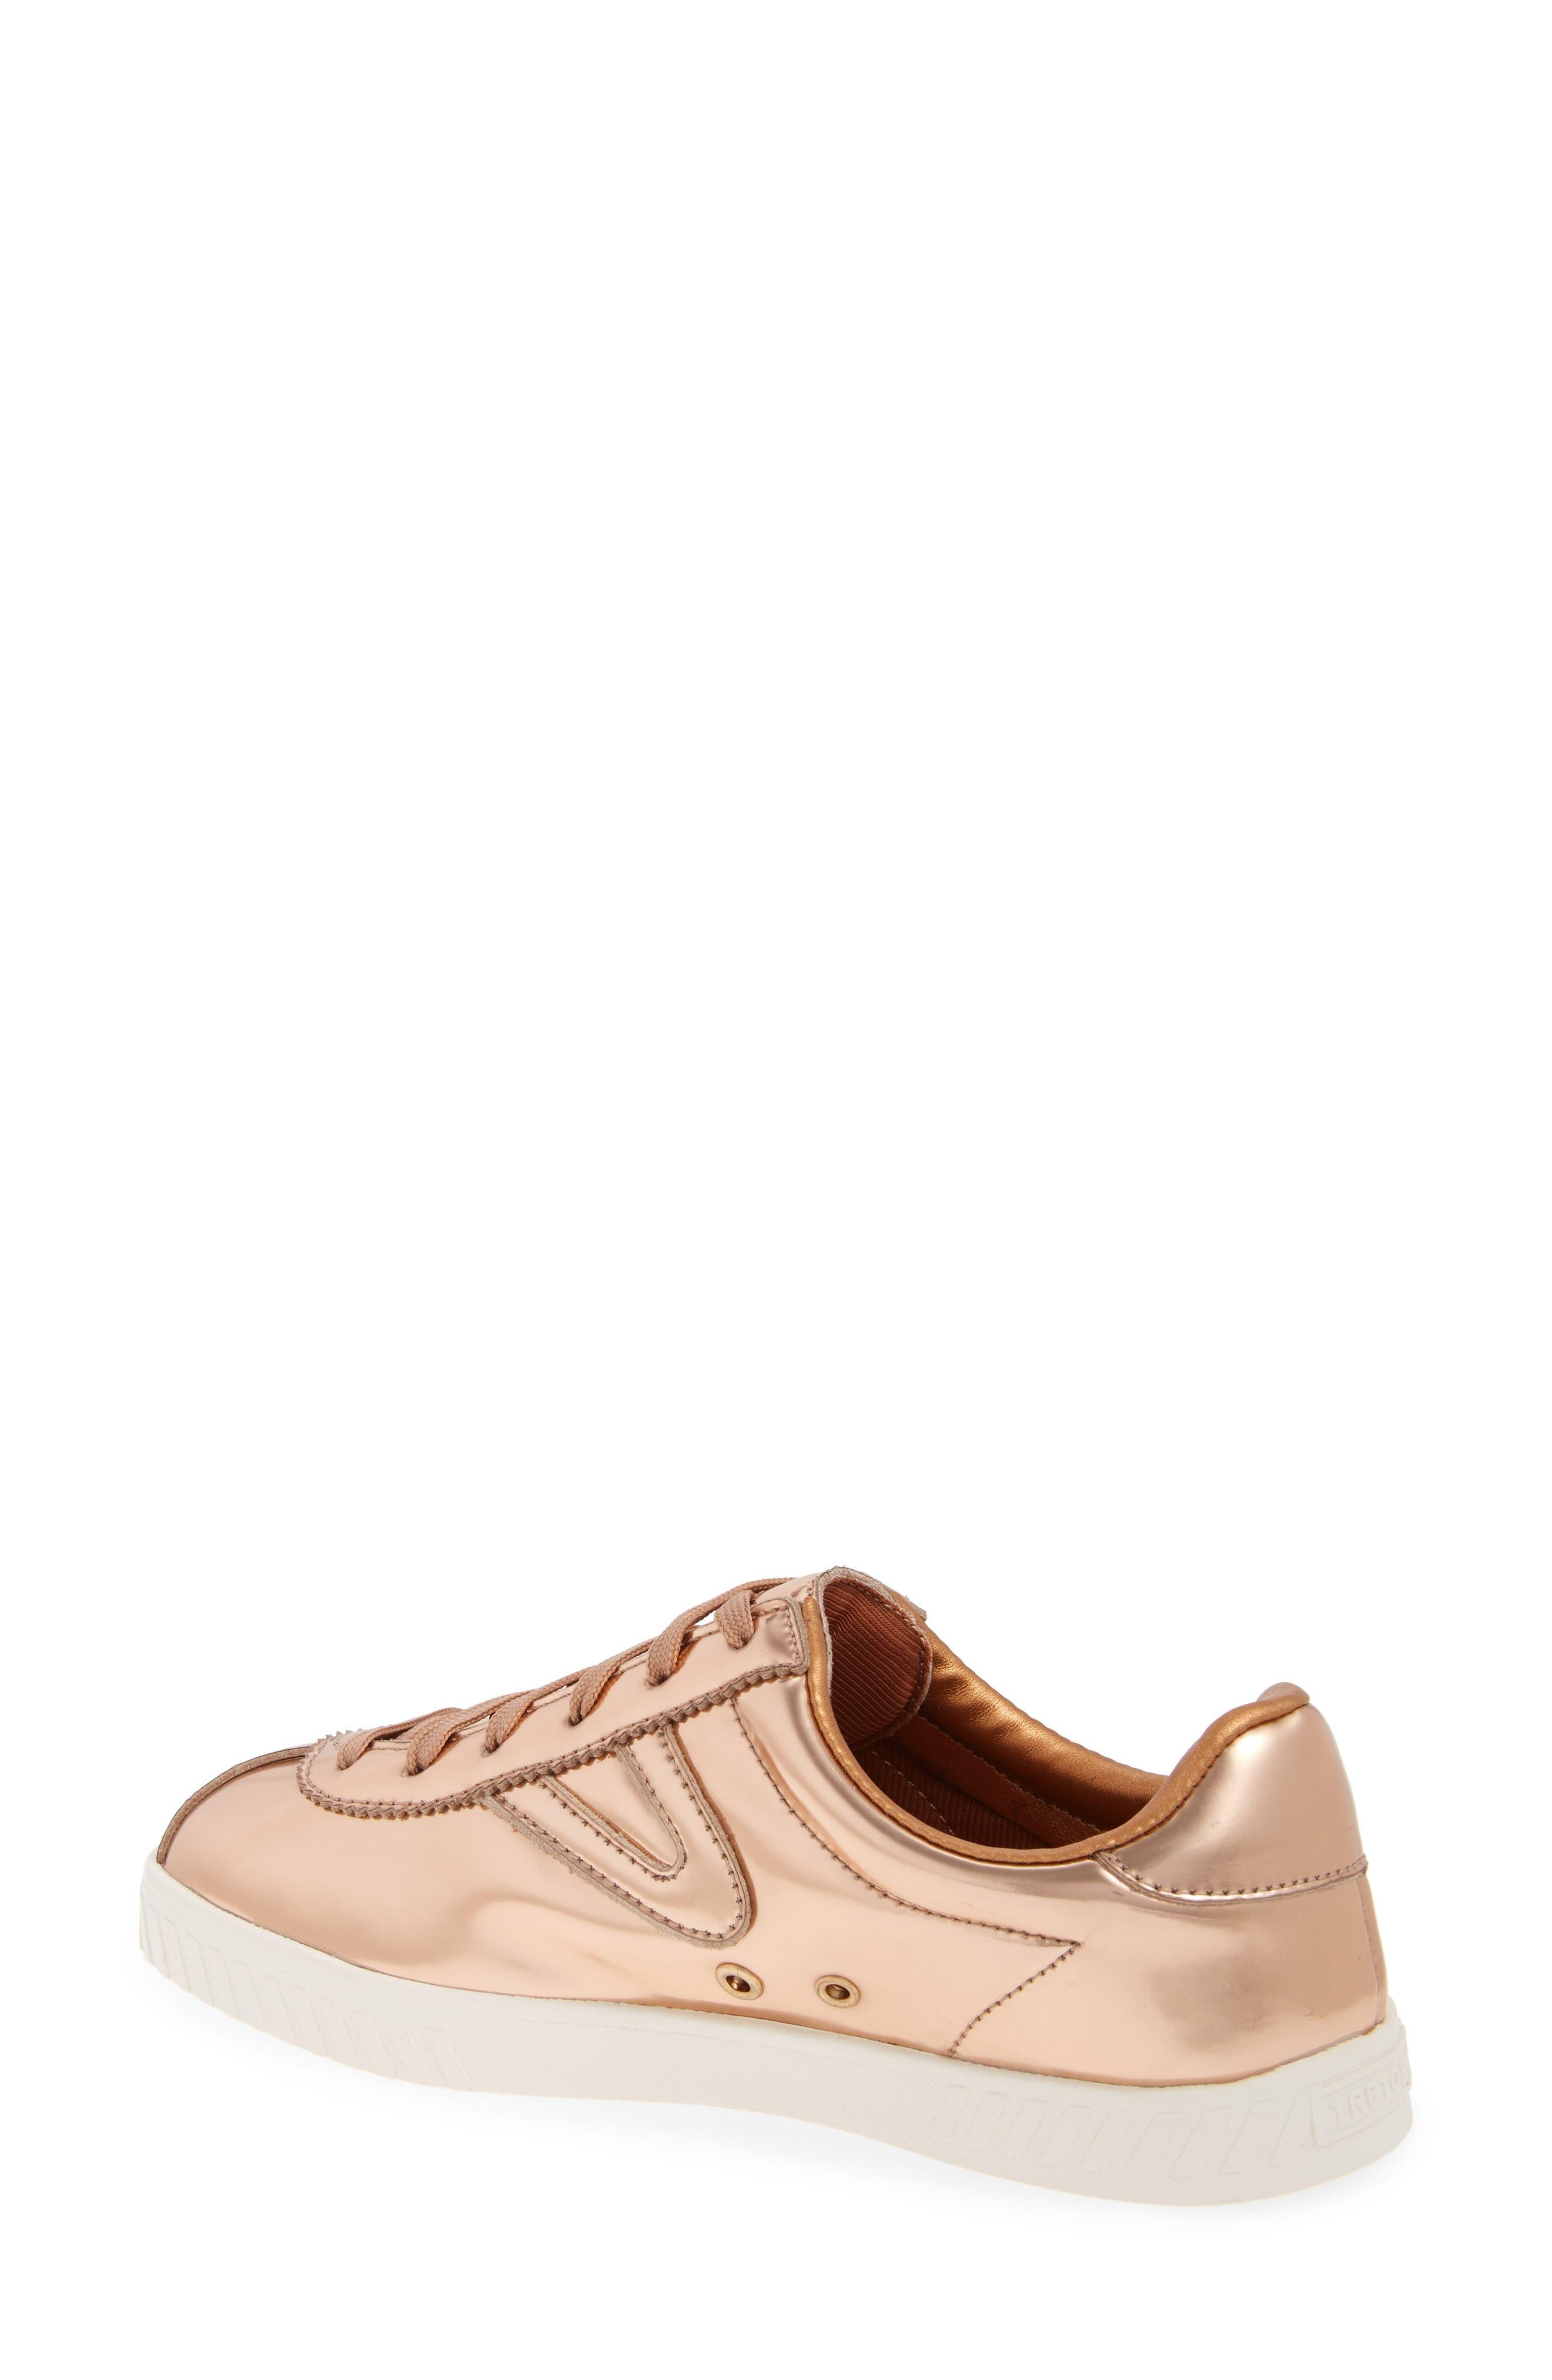 Alternate Image 3  - Tretorn Camden 2 Sneaker (Women)